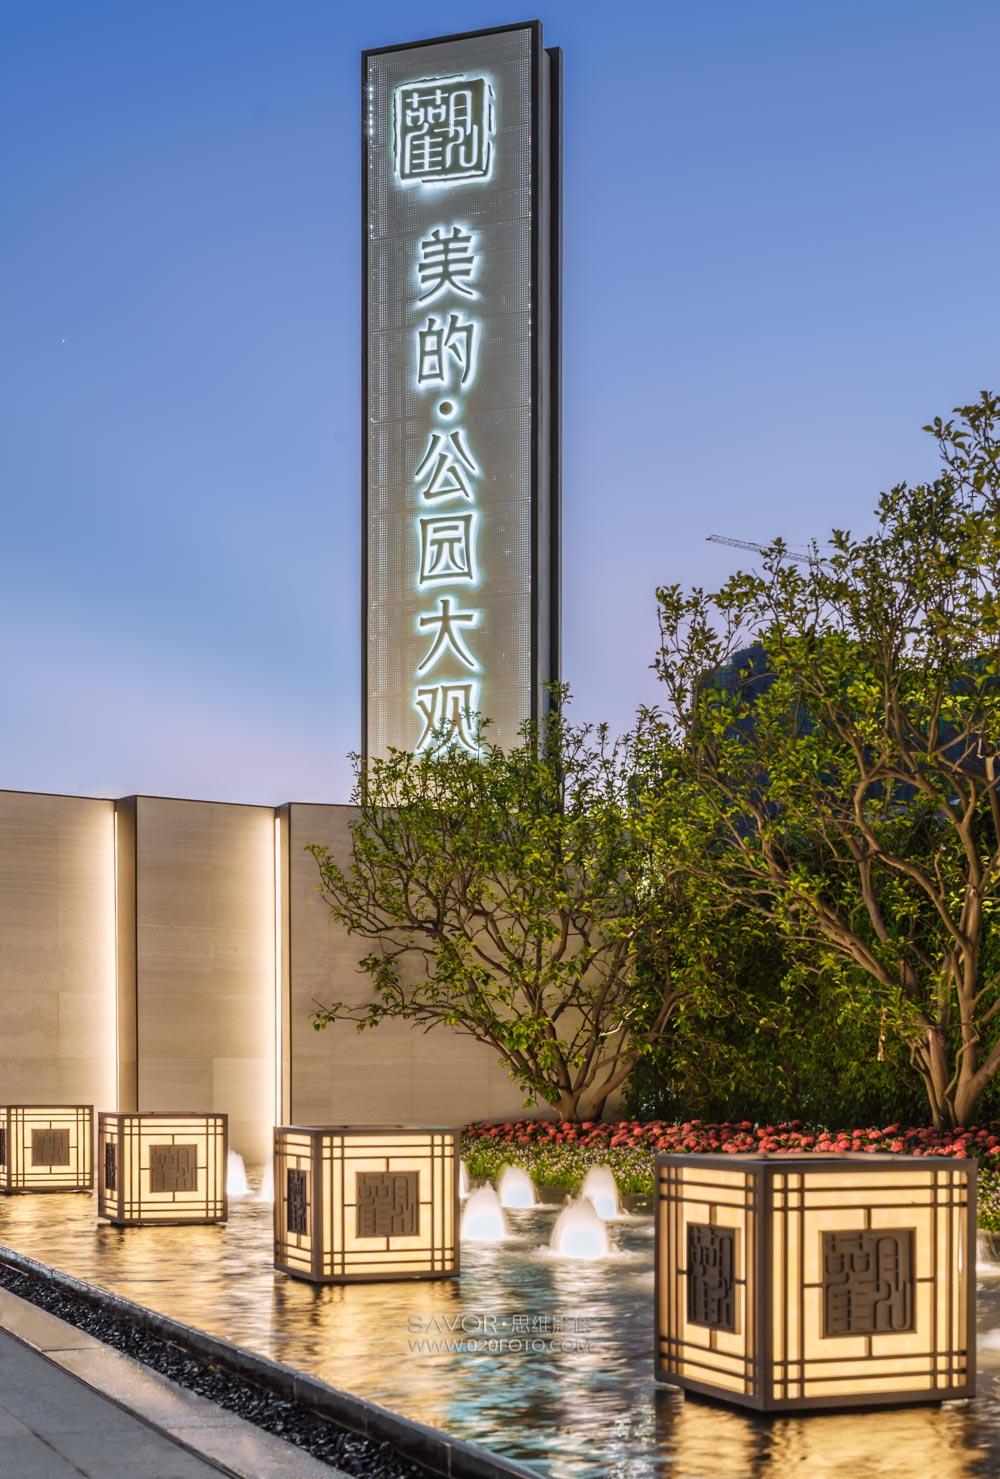 阳江 美的公园大观